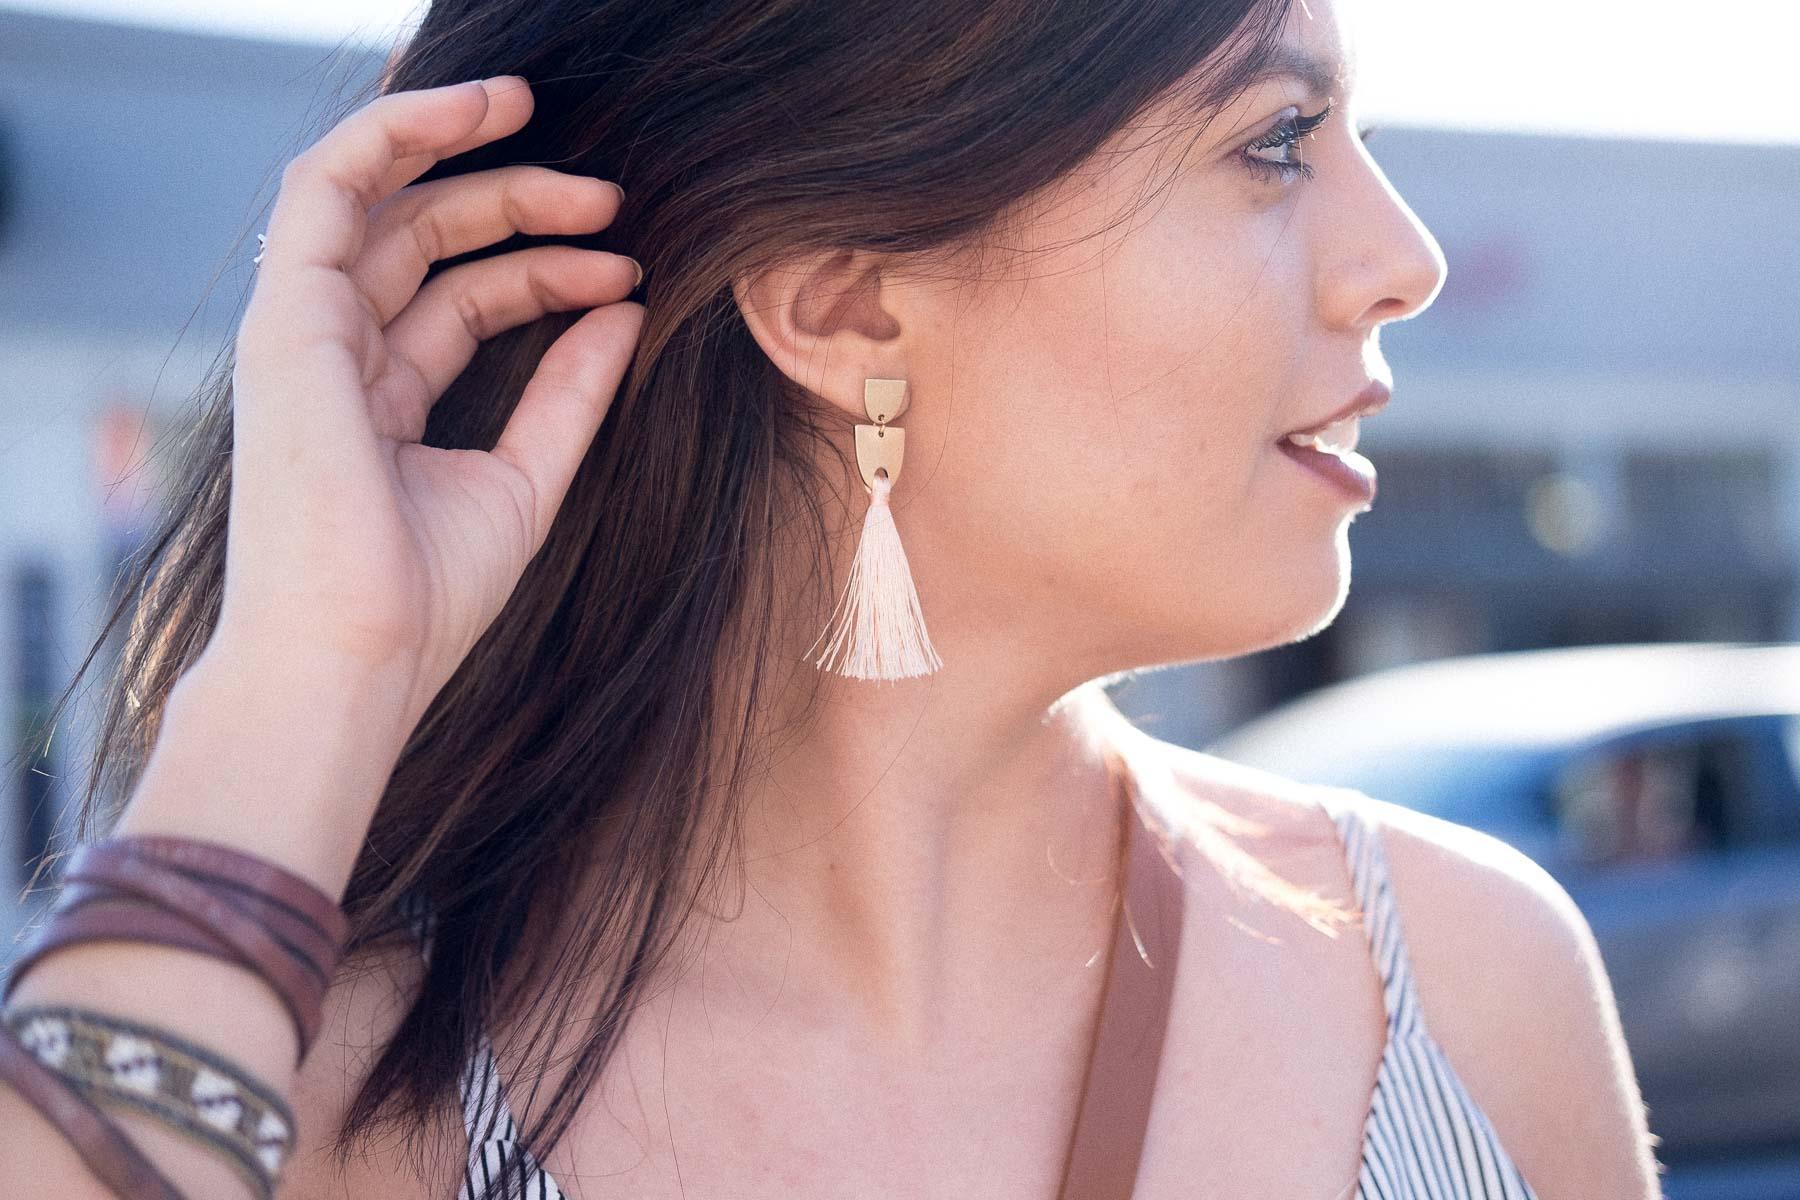 Rachel Off Duty: How to Start Networking - Fringe Earrings